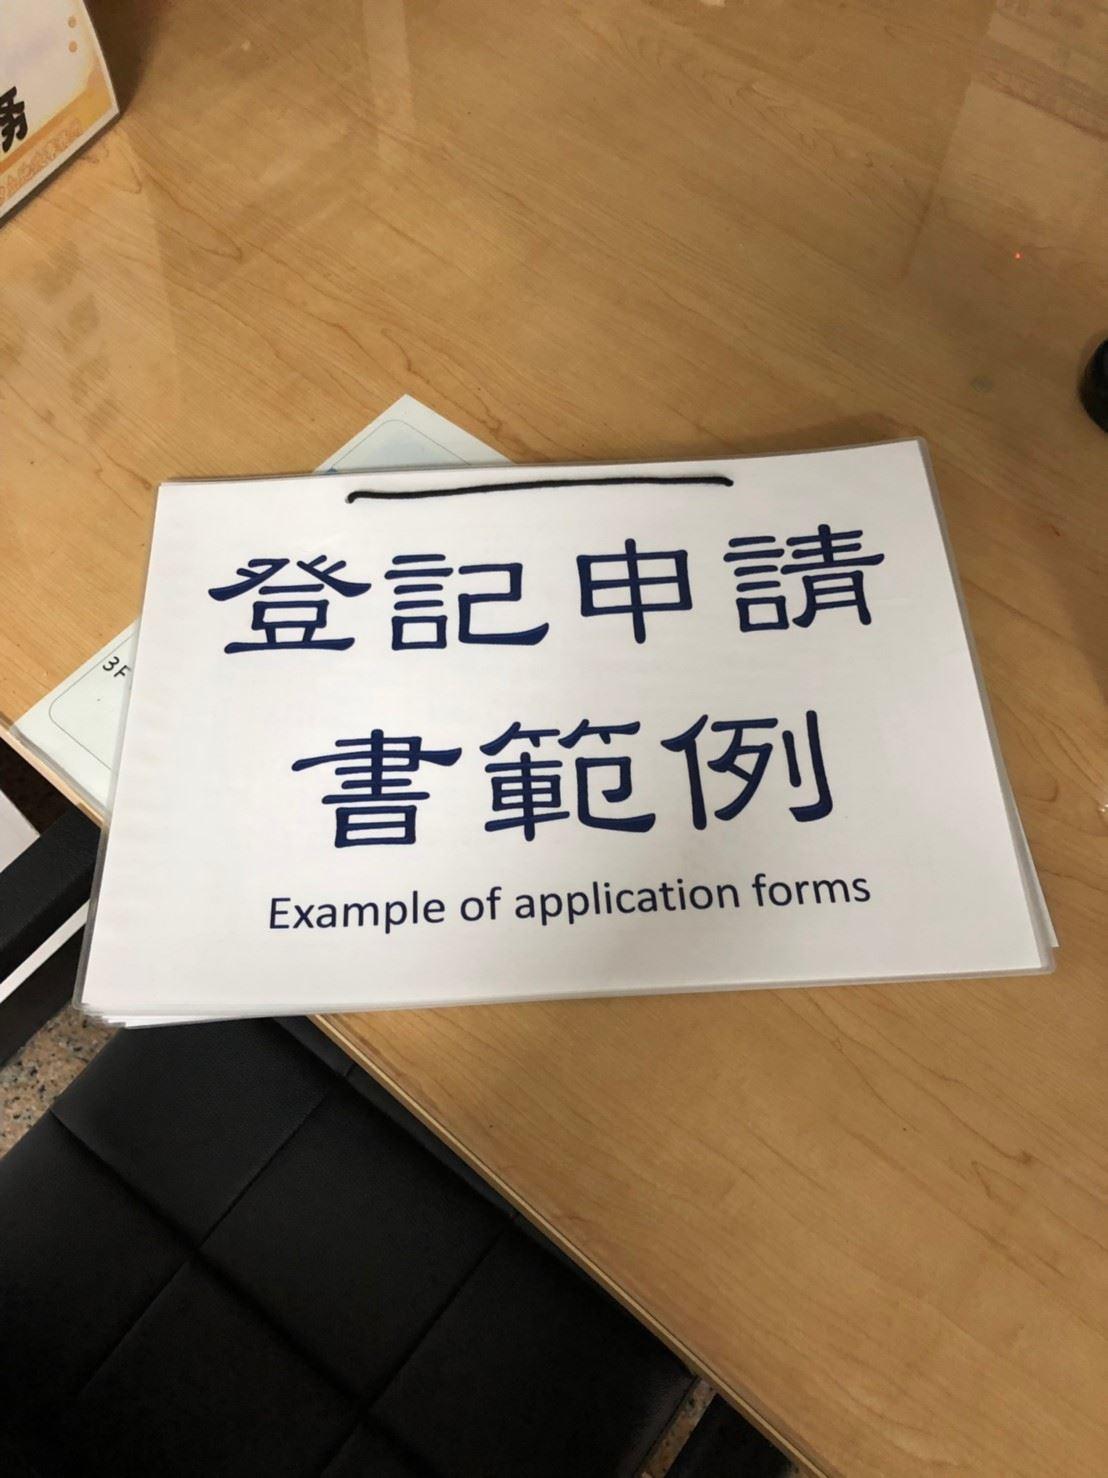 登記申請書放大版參考範例